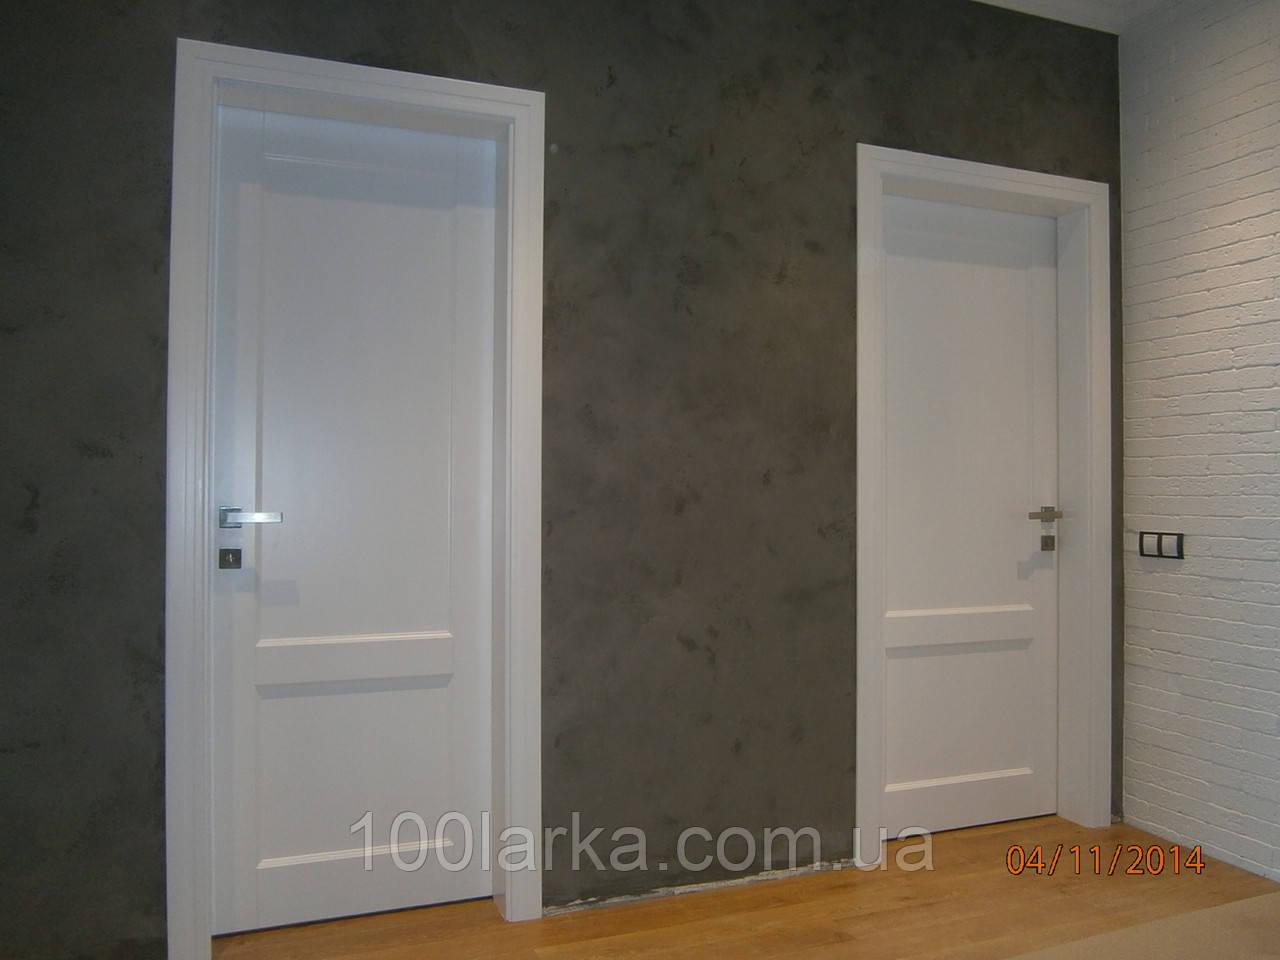 Двери М-4/2  межкомнатные из ясеня в Киеве